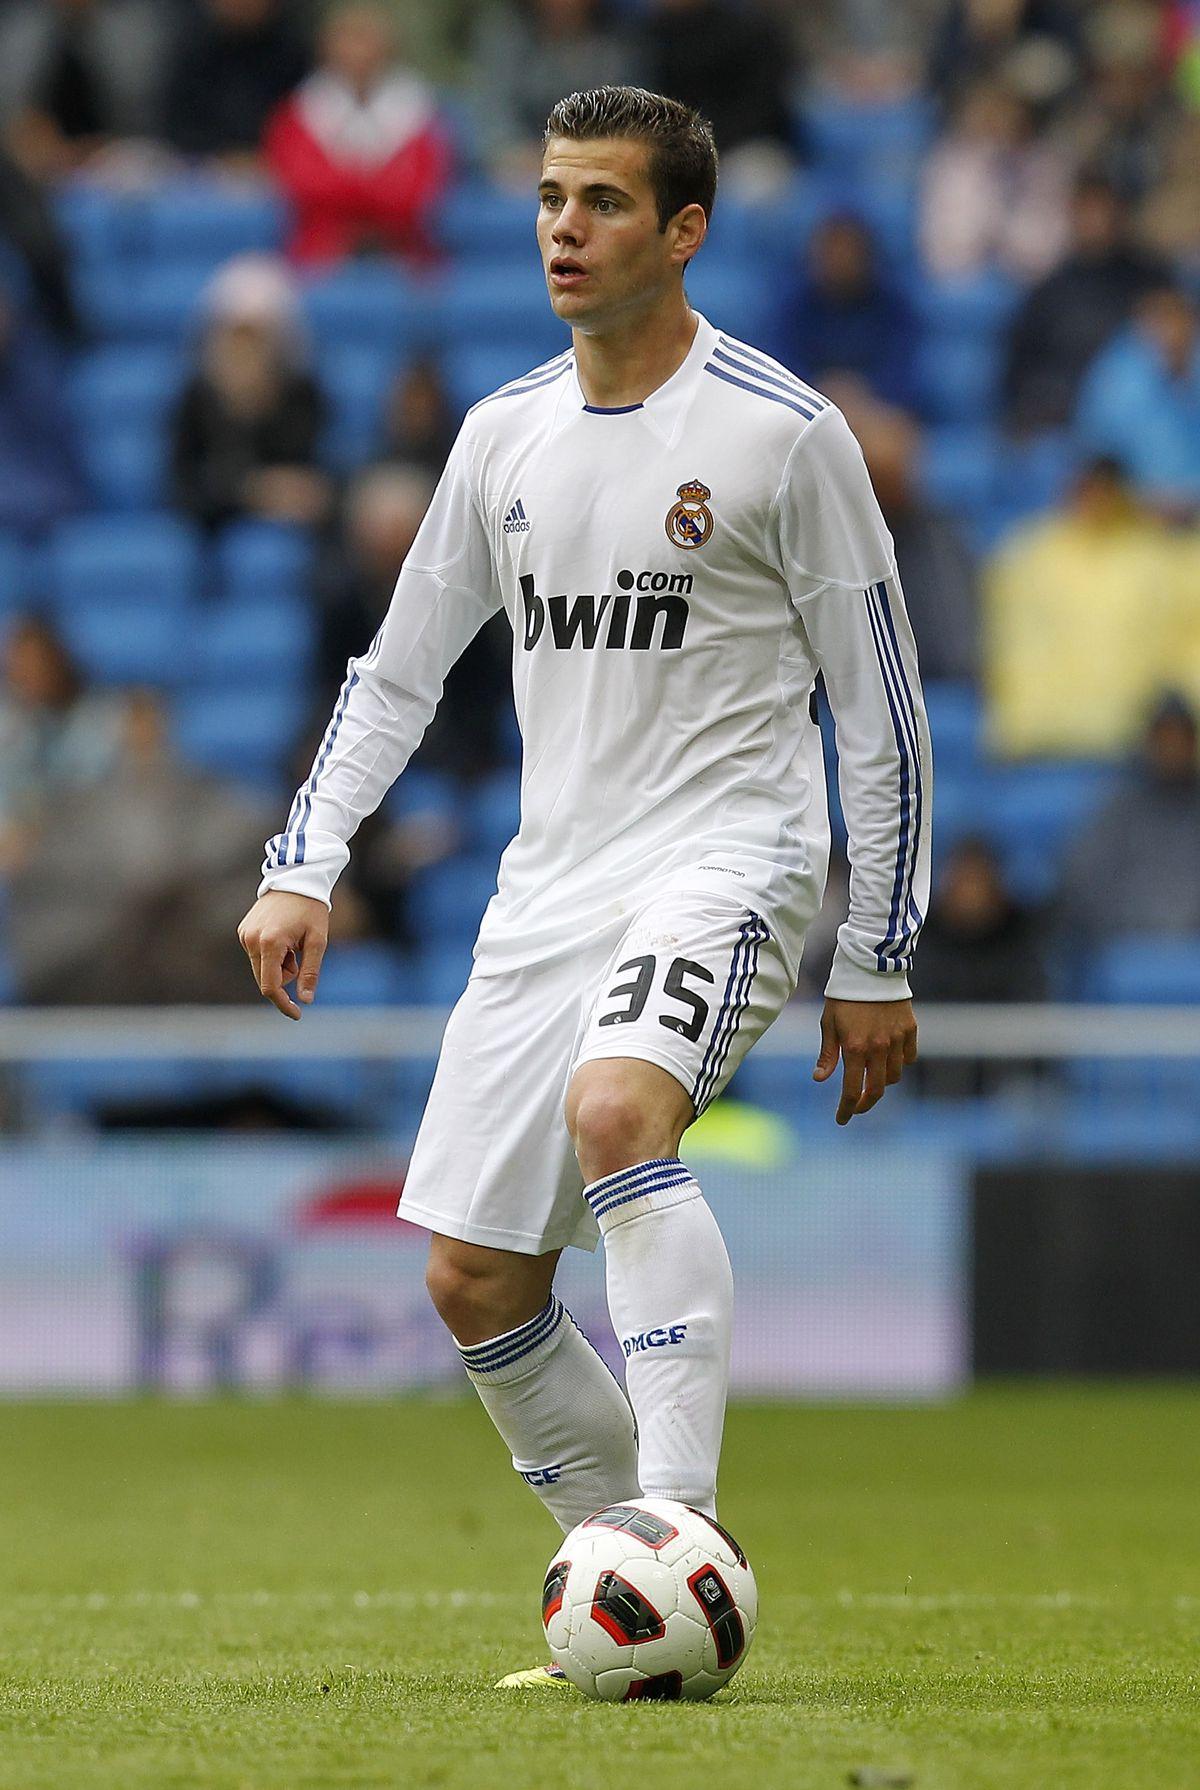 Real Madrid v Real Zaragoza - La Liga